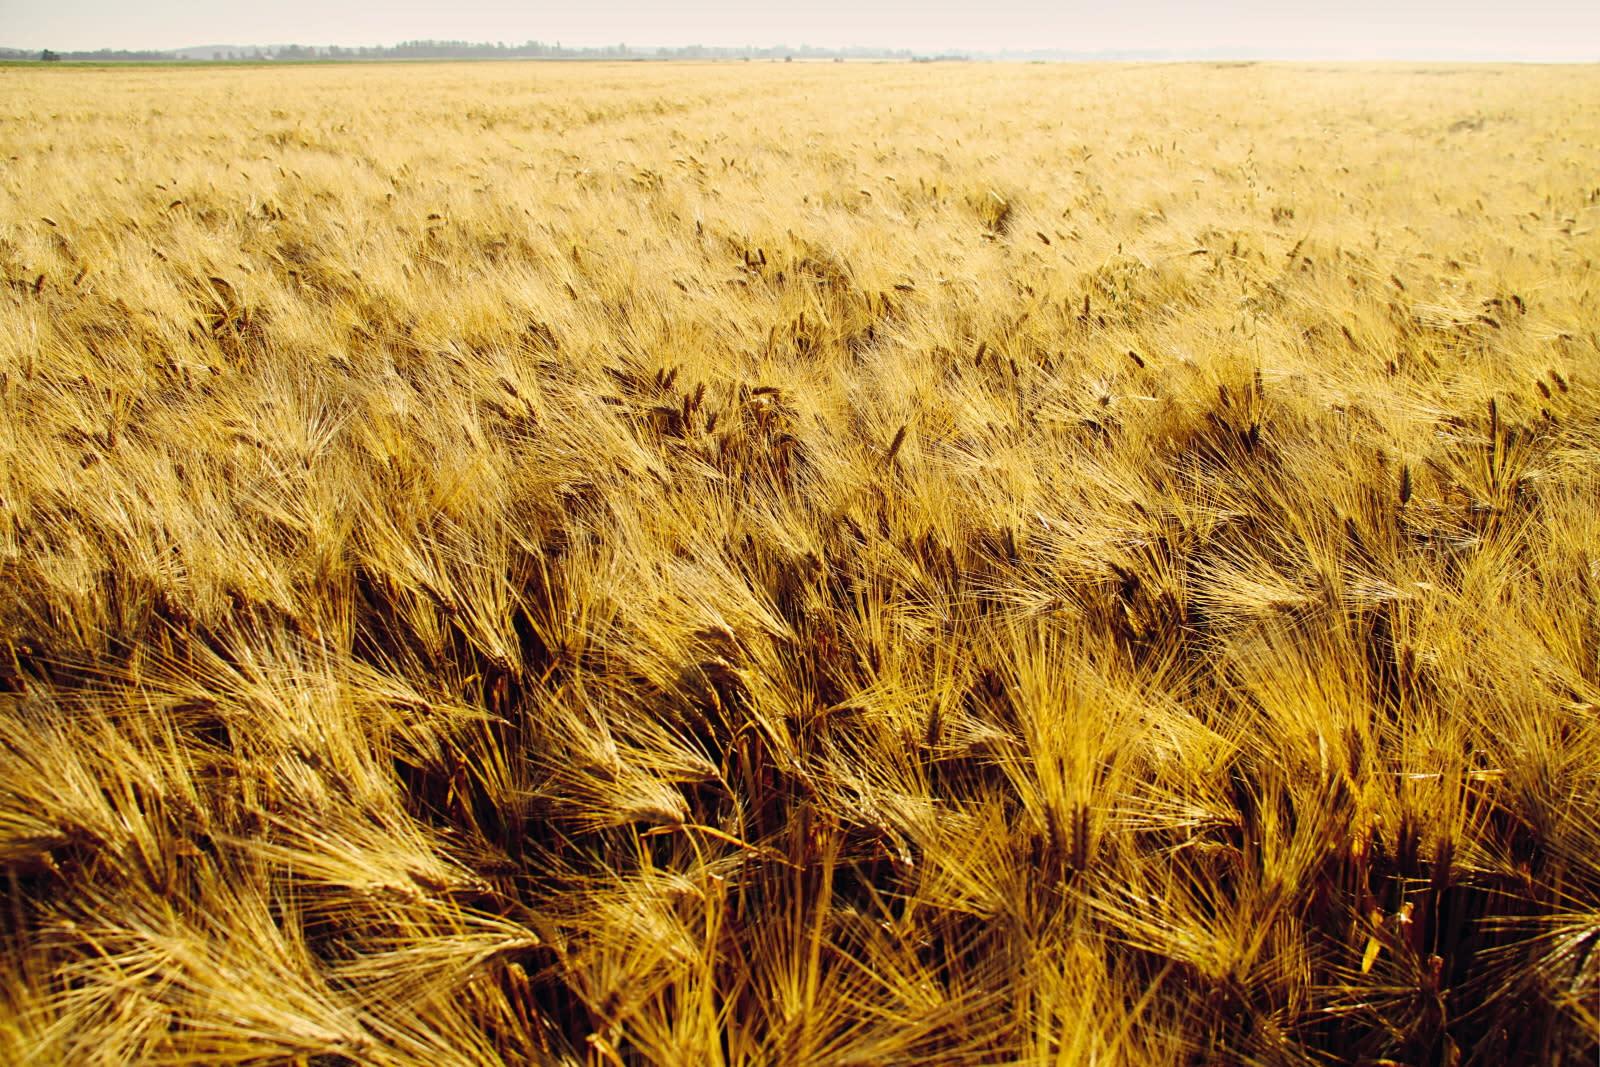 Koskenkorva barley field